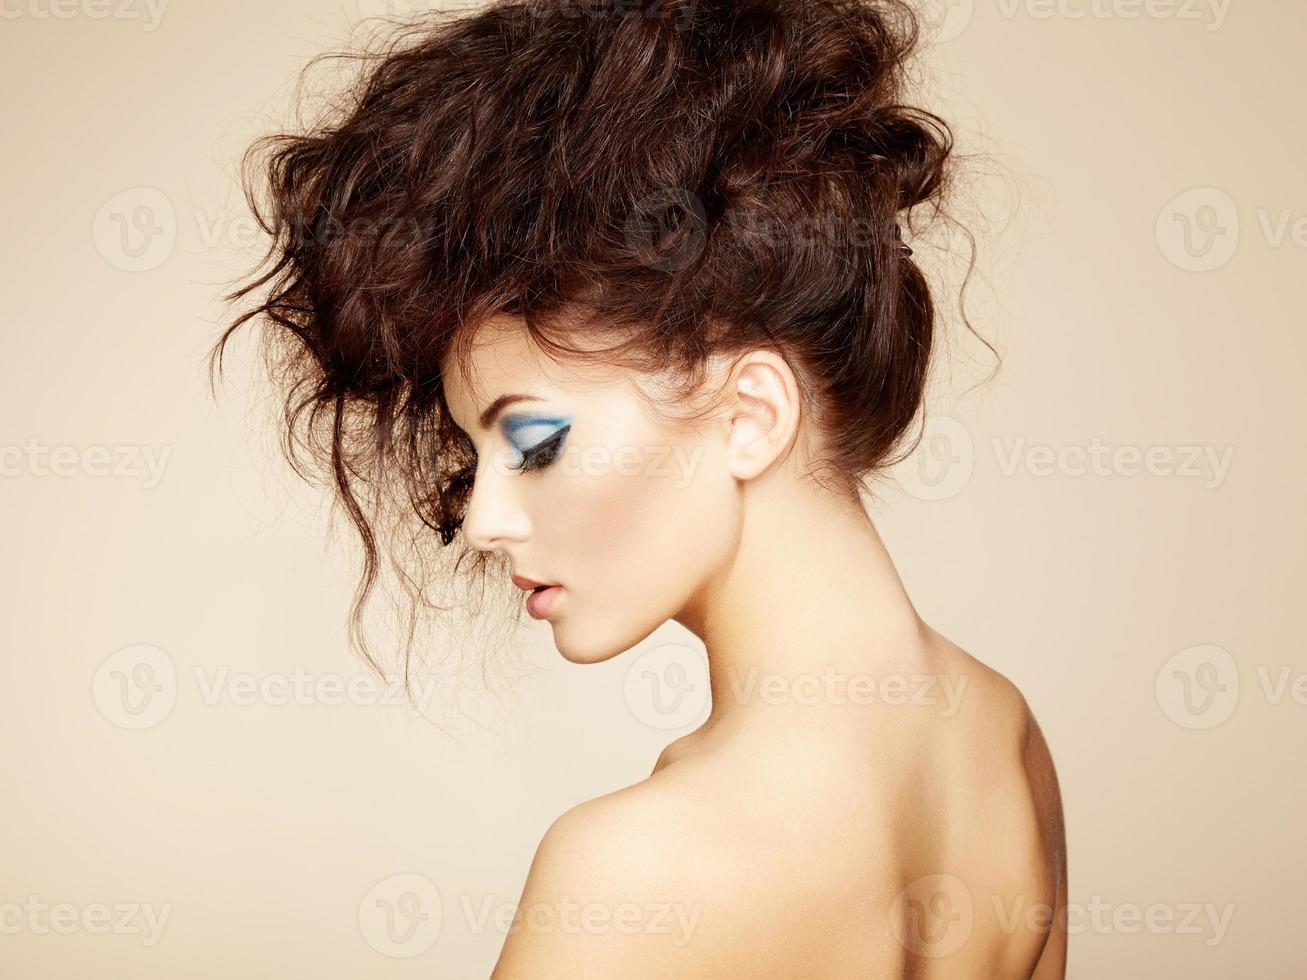 Porträt der schönen sinnlichen Frau mit eleganter Frisur. pro foto